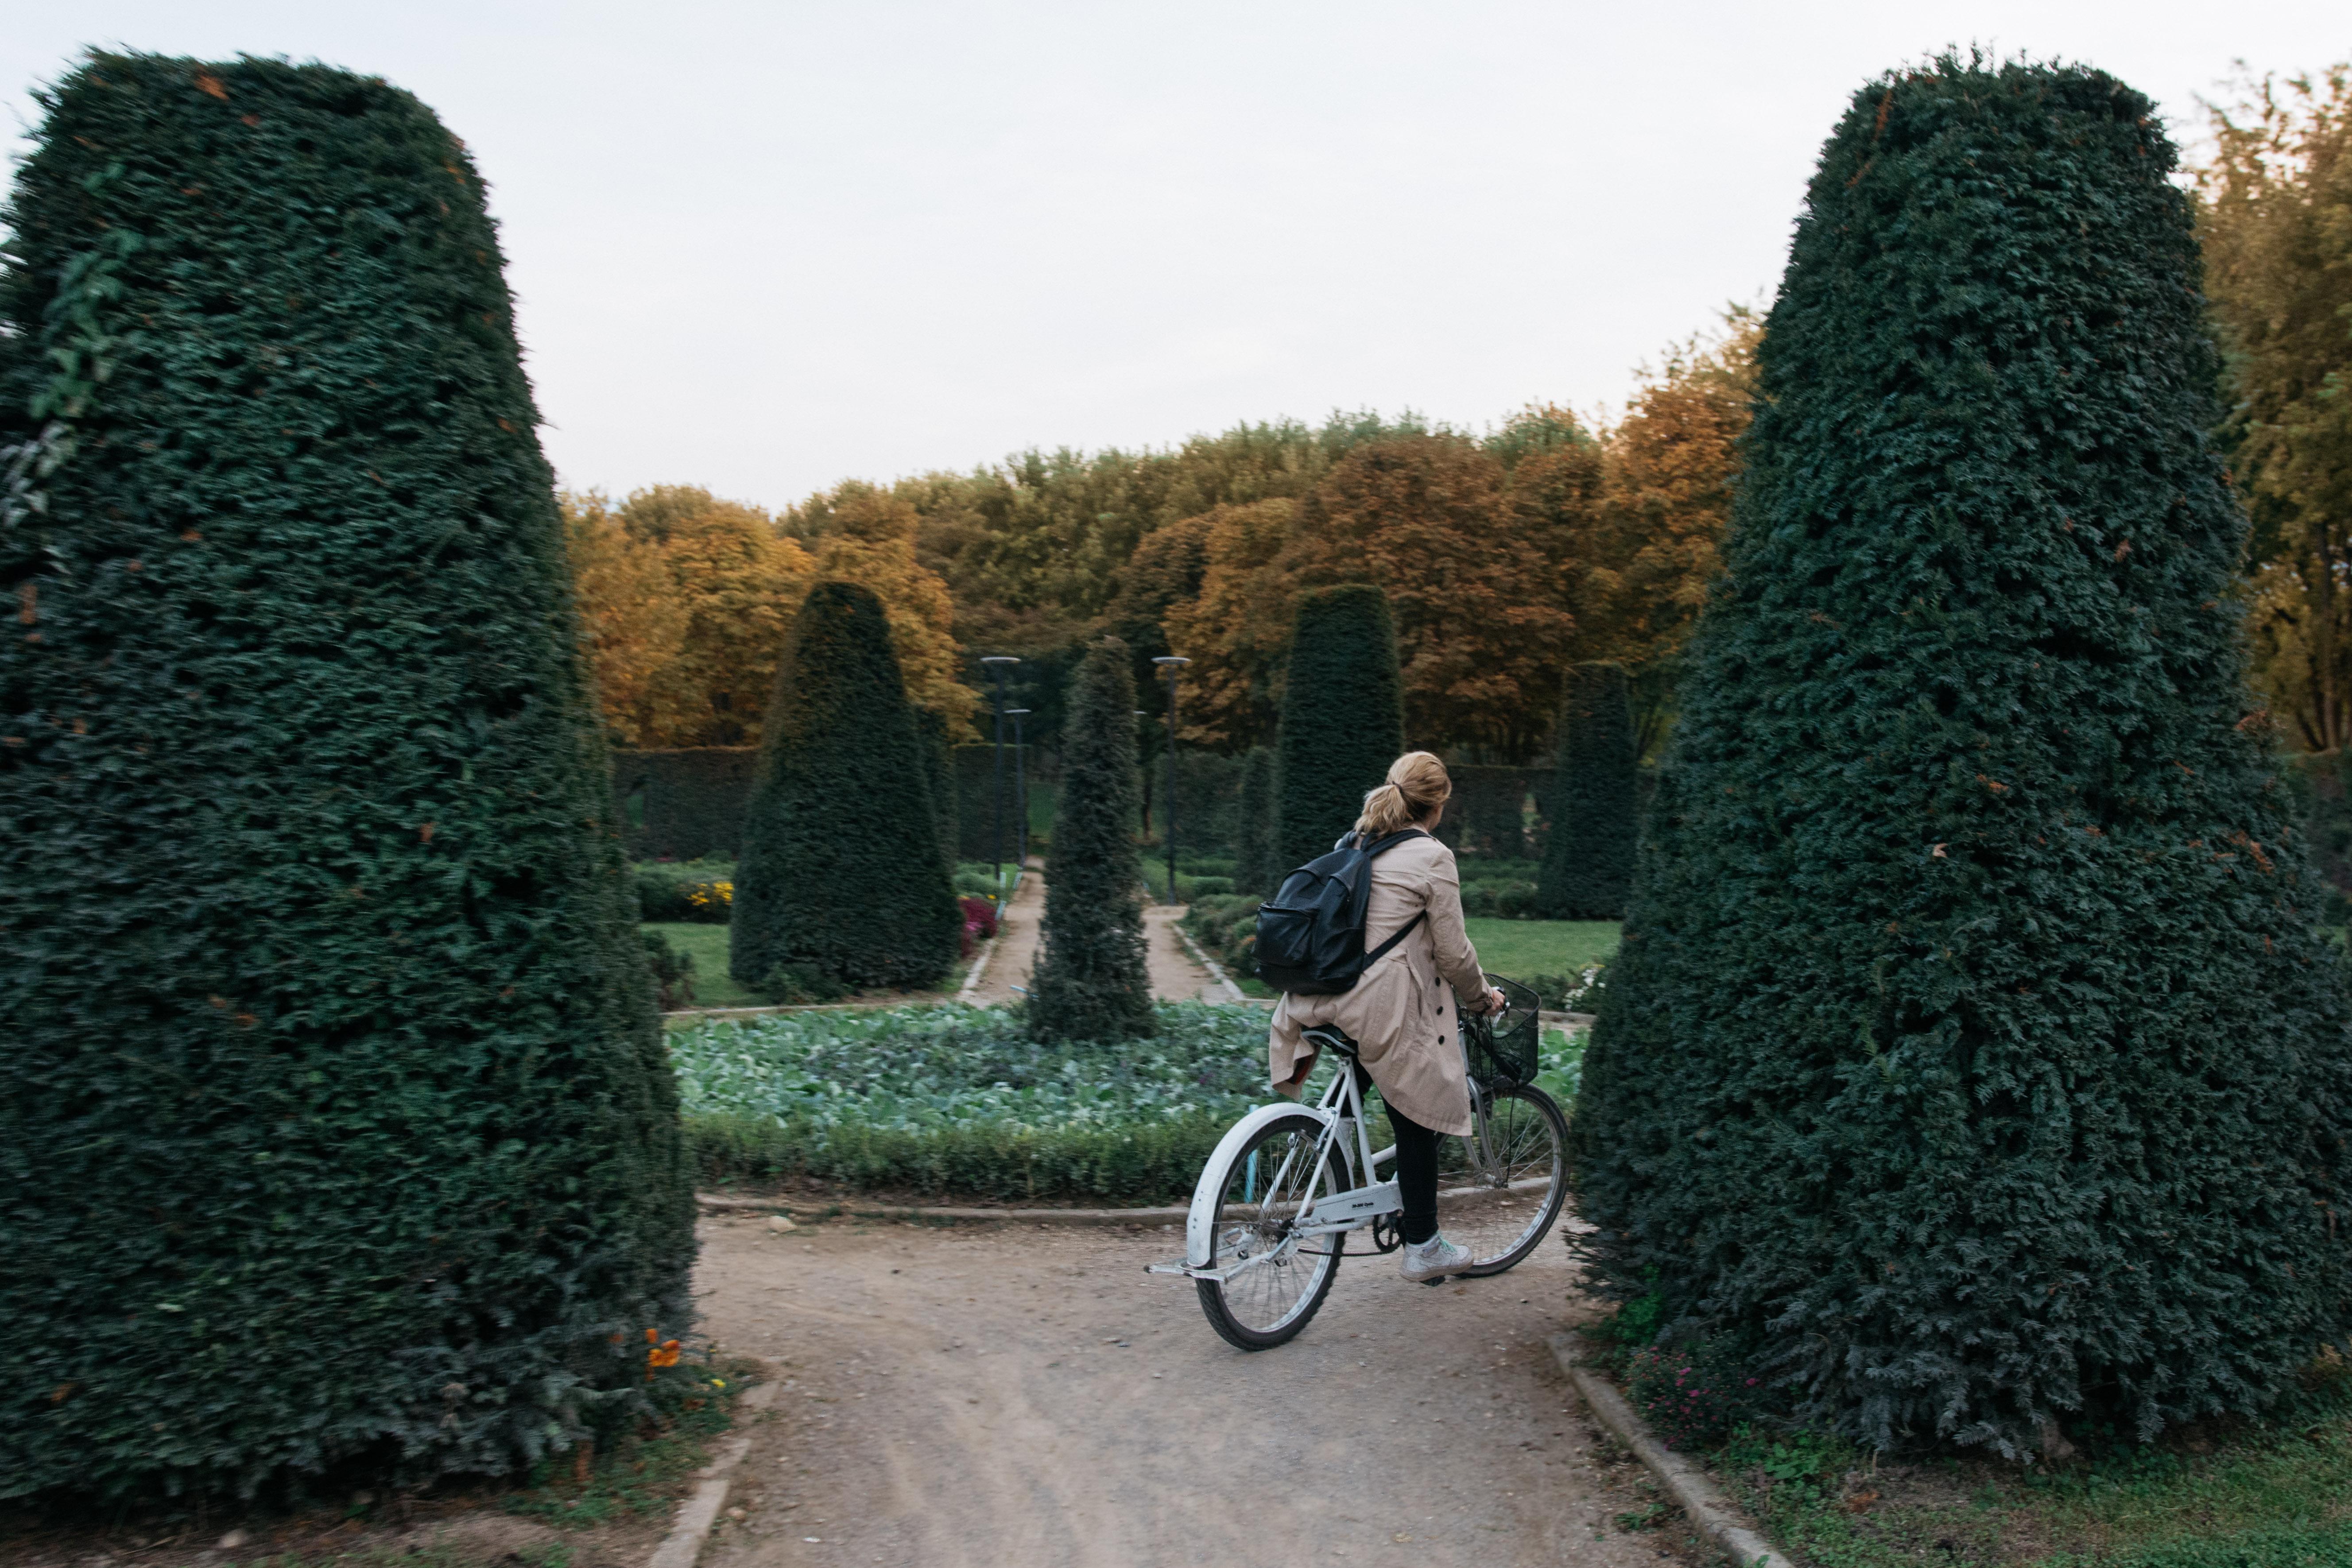 Soğanlı Botanik Parkı'nda Fransız Bahçesi